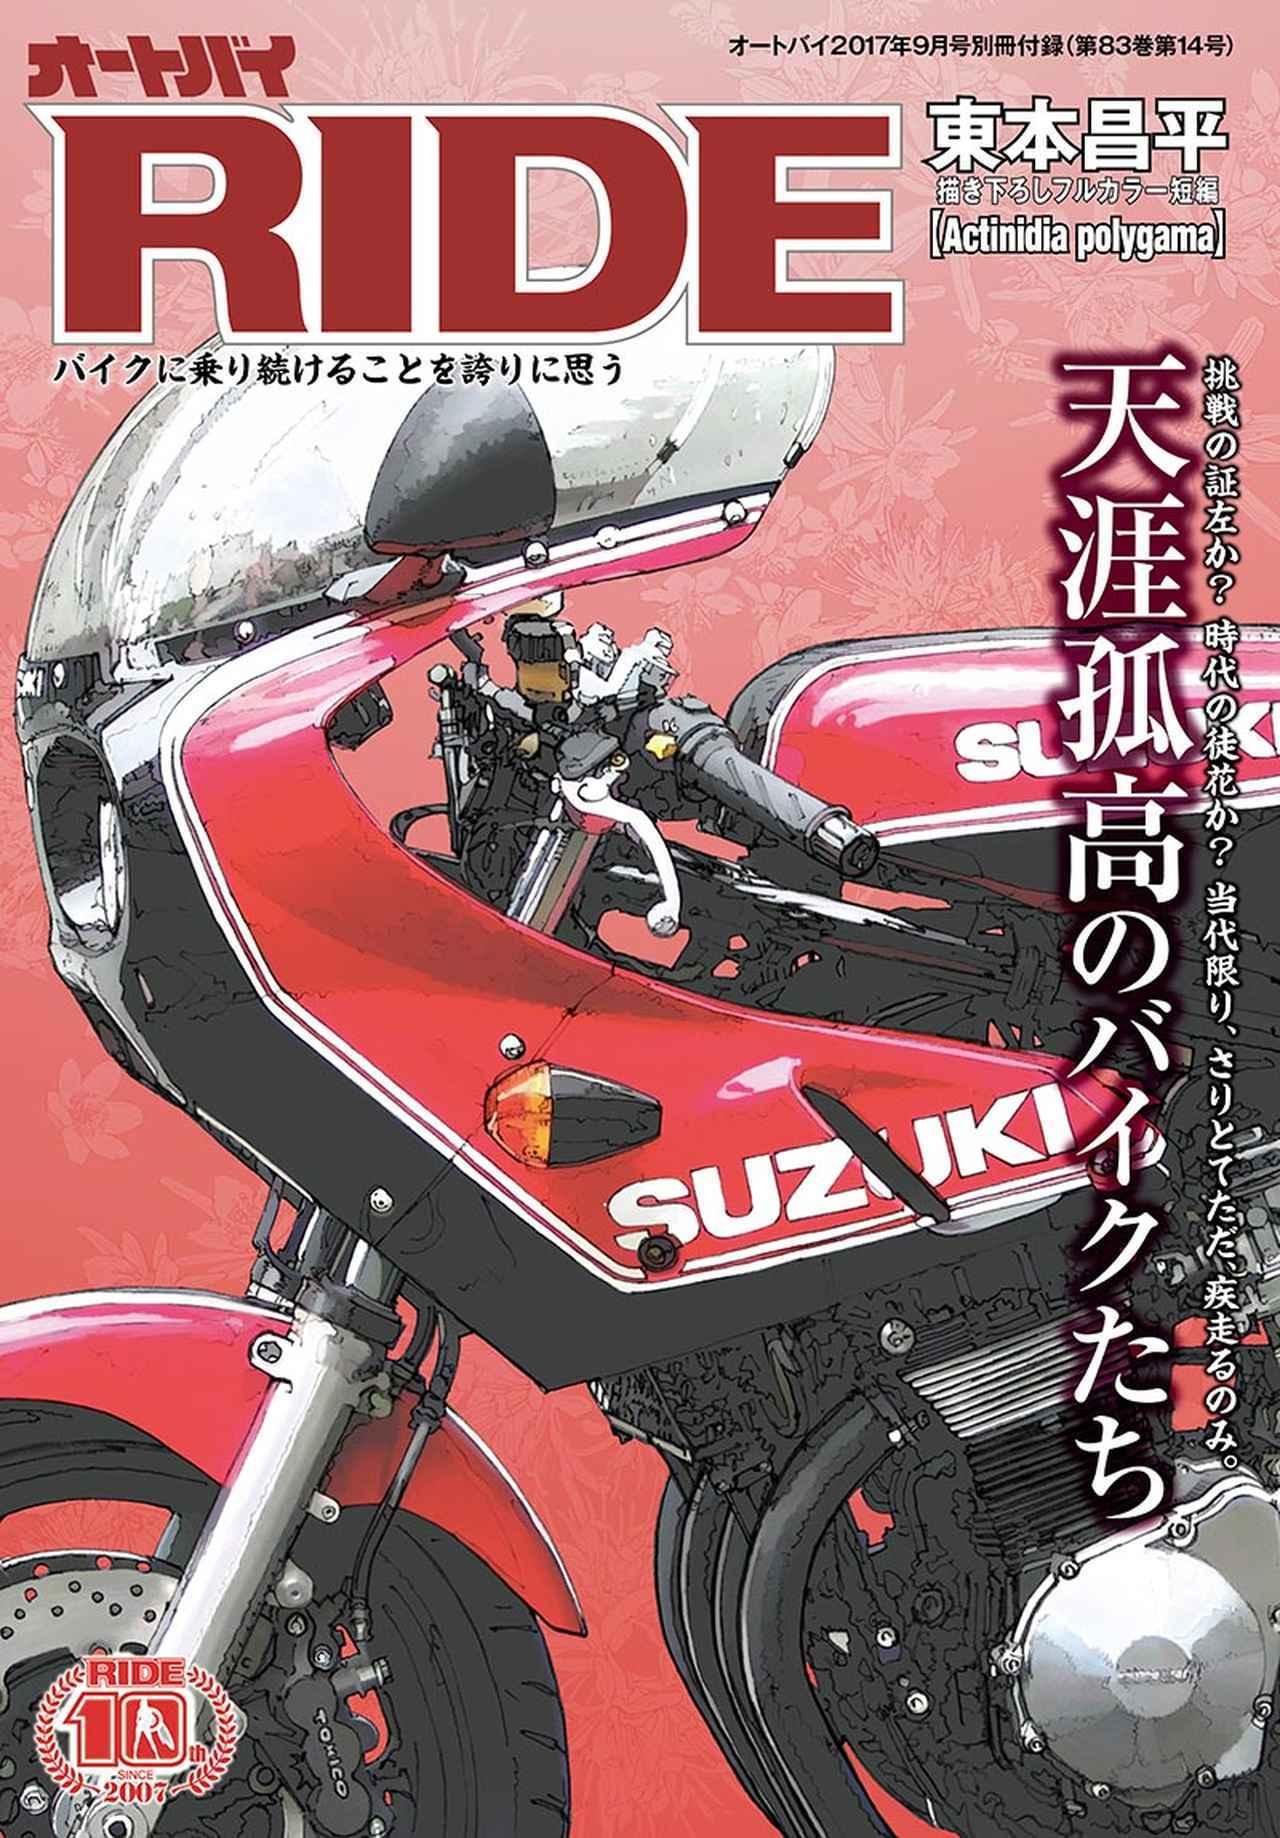 画像: 別冊付録のRIDEは「天涯孤高のバイクたち」